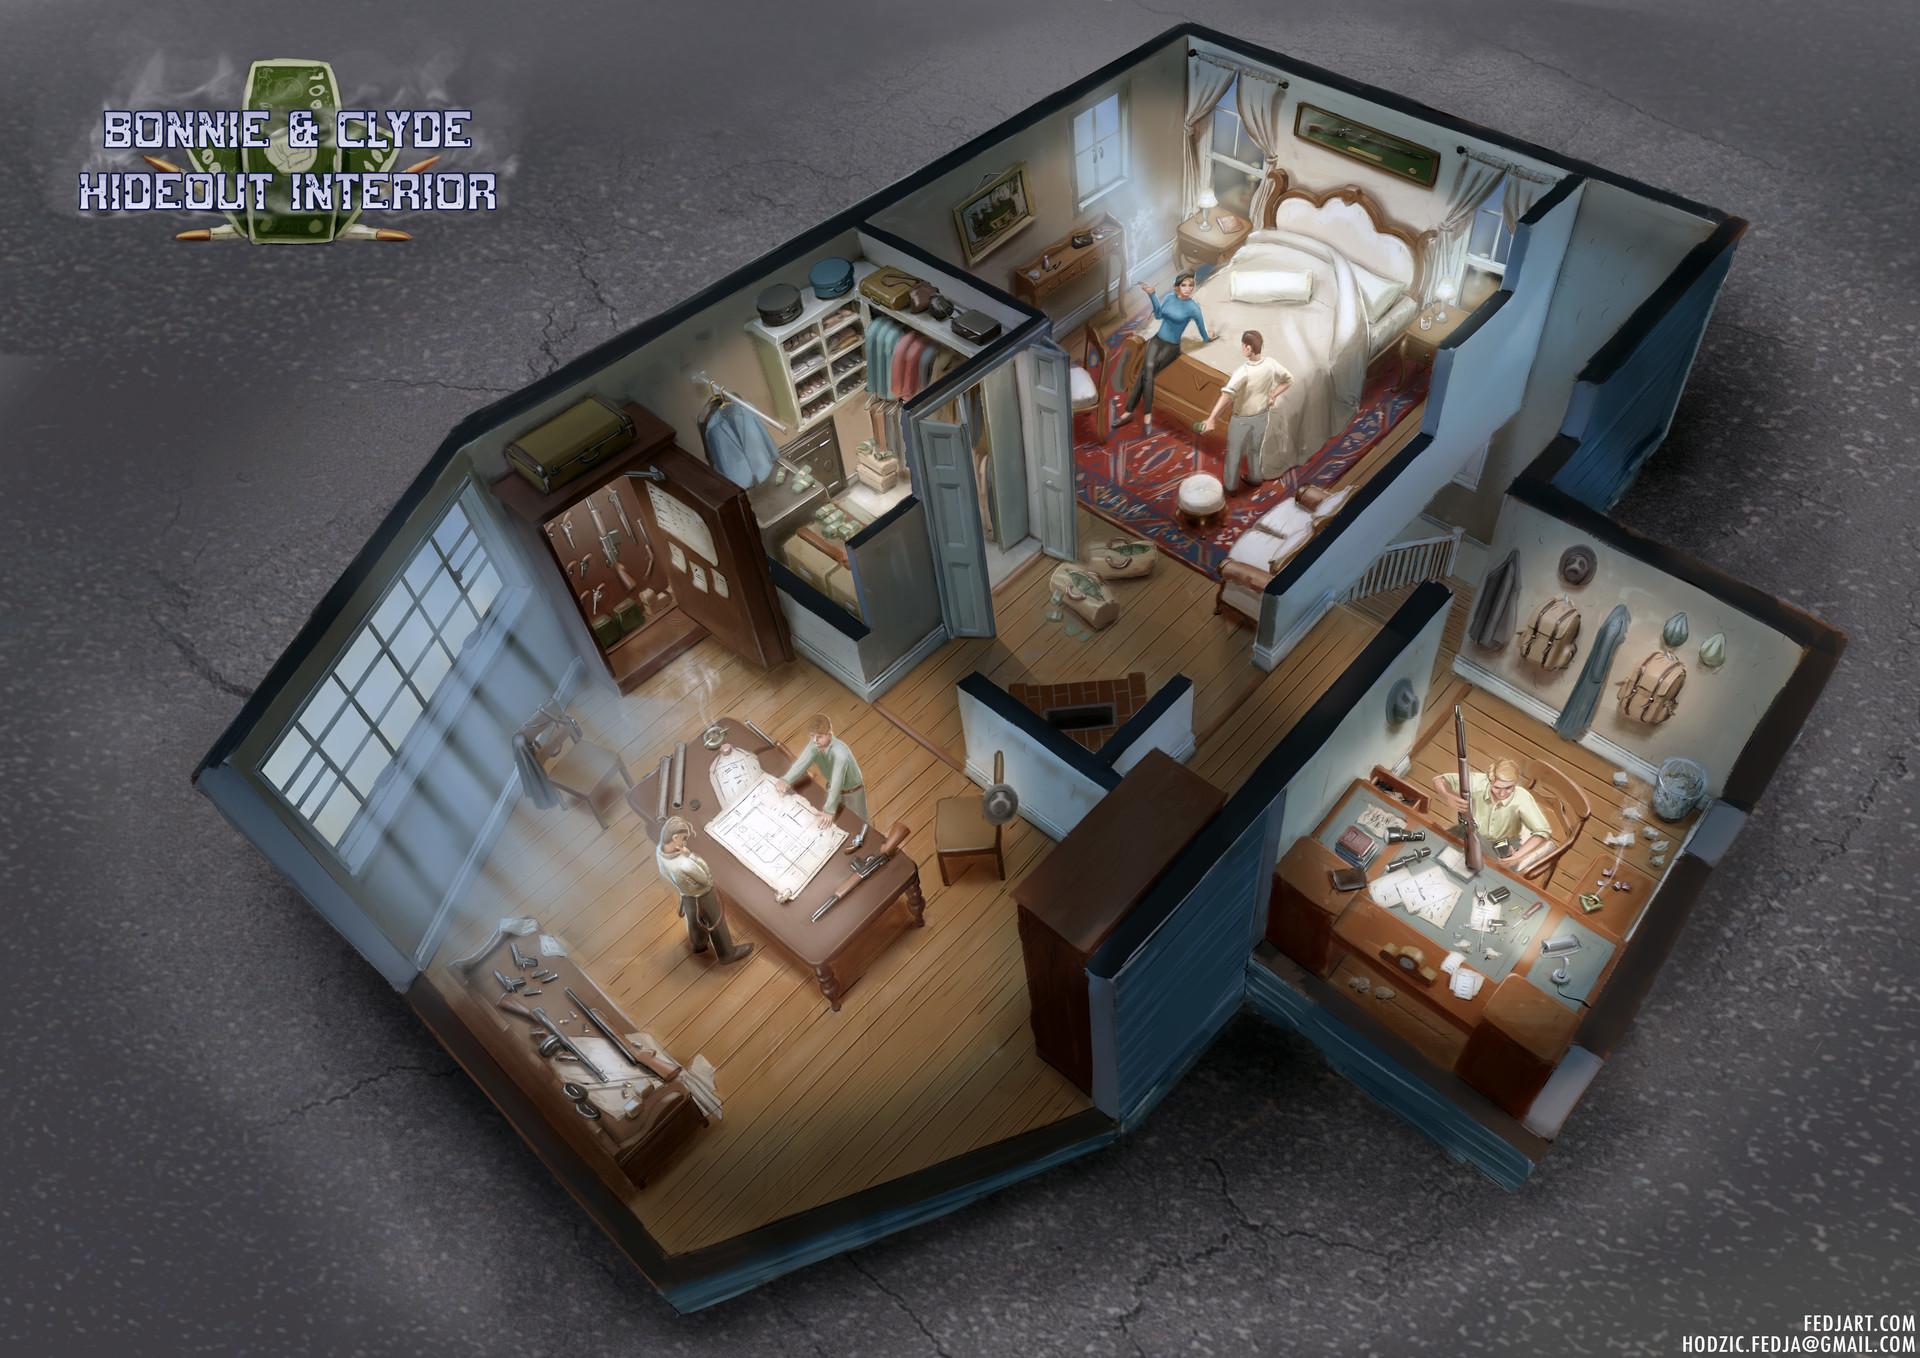 Hideout interior